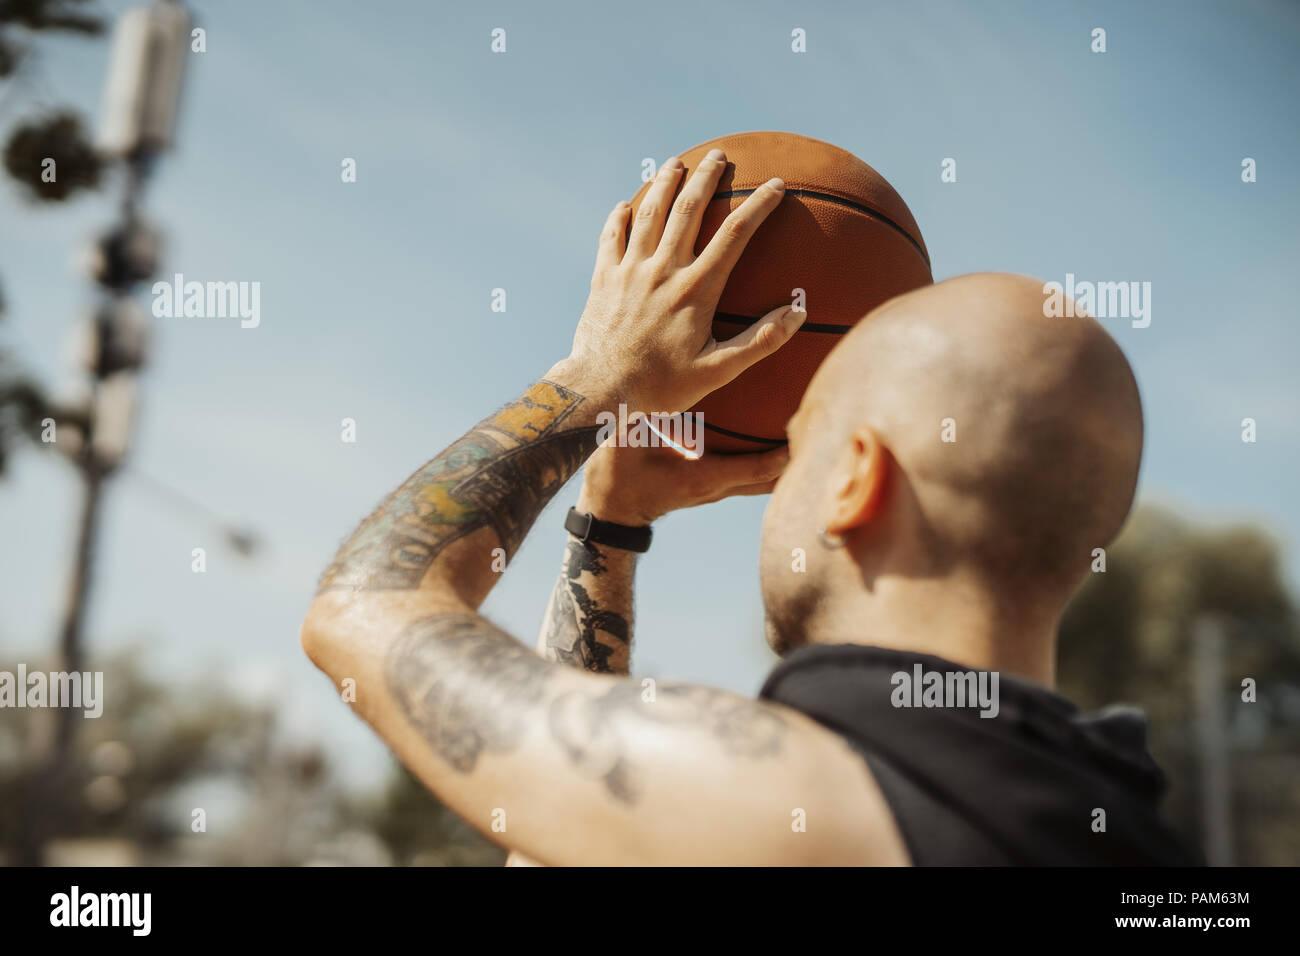 In der Nähe des Kahlen attraktiver Mann Basketball spielen auf dem Basketballplatz. Stockbild